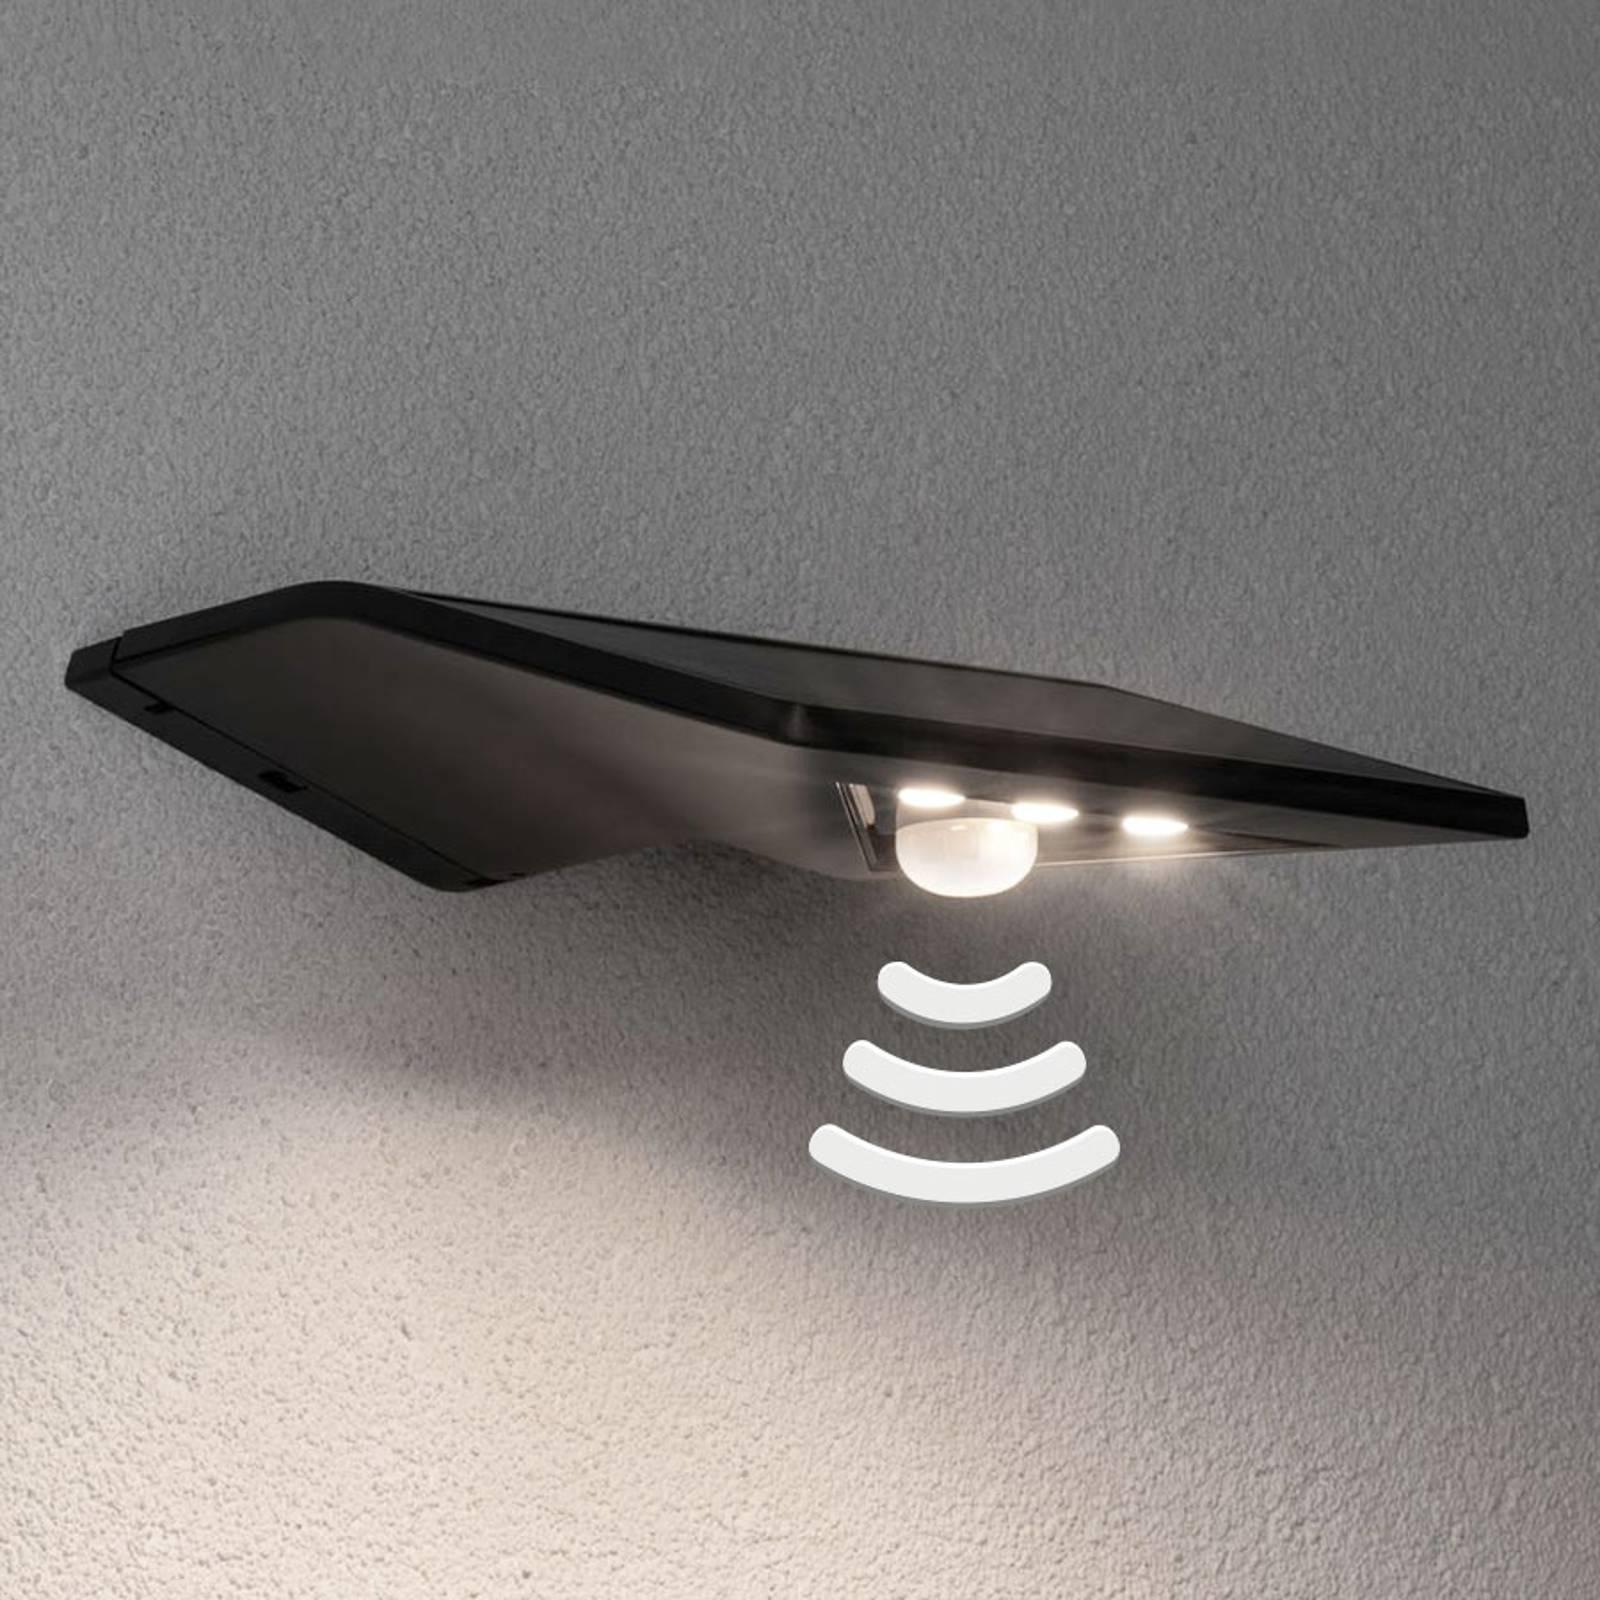 Paulmann applique solaire LED Yoko anthracite